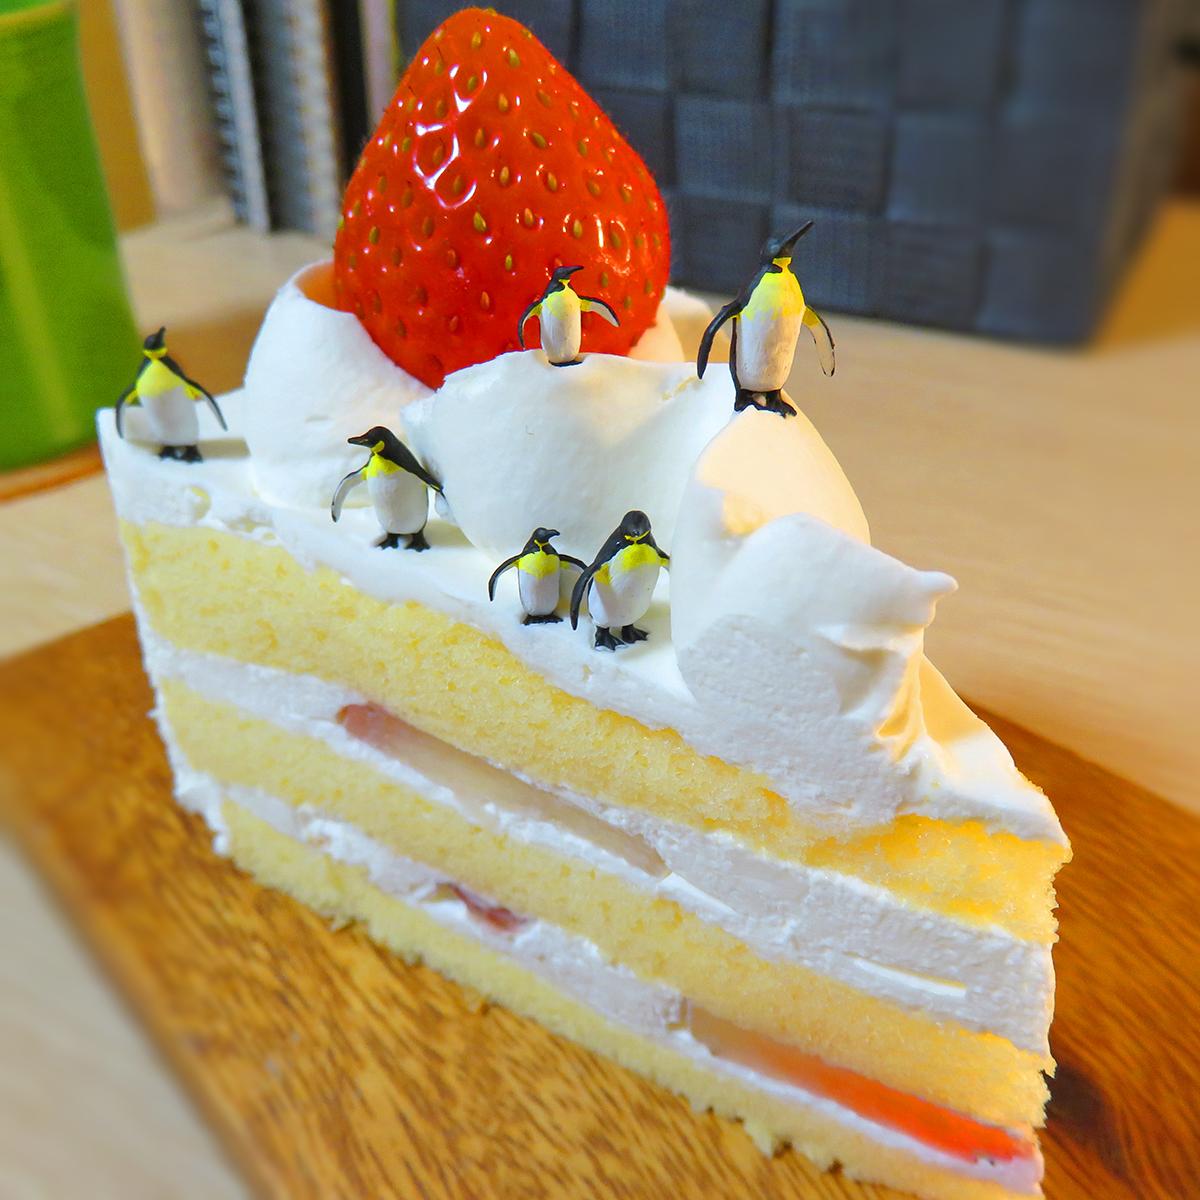 今日はケーキの日!クリーム雪のショートケーキで暮らすペンギン